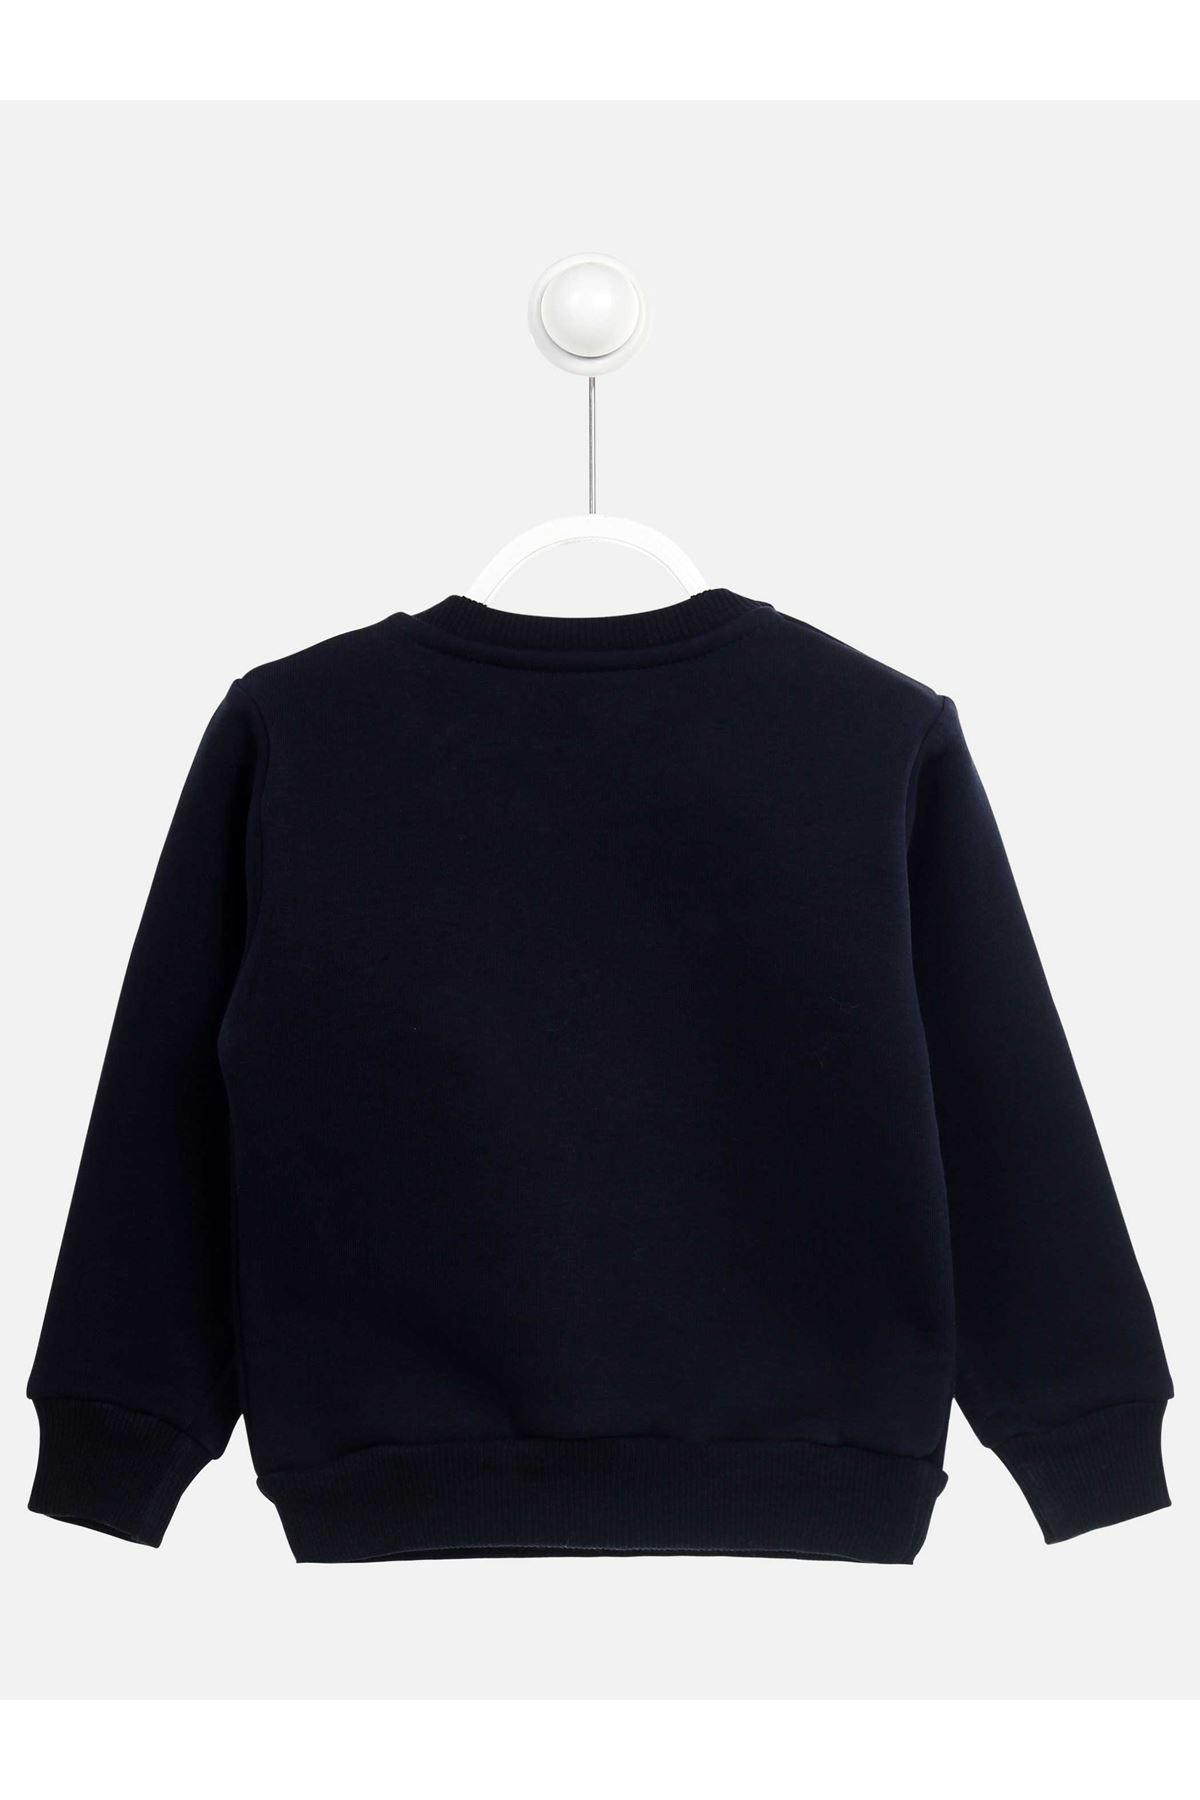 Navy Blue Winter Girls Children Sweatshirts